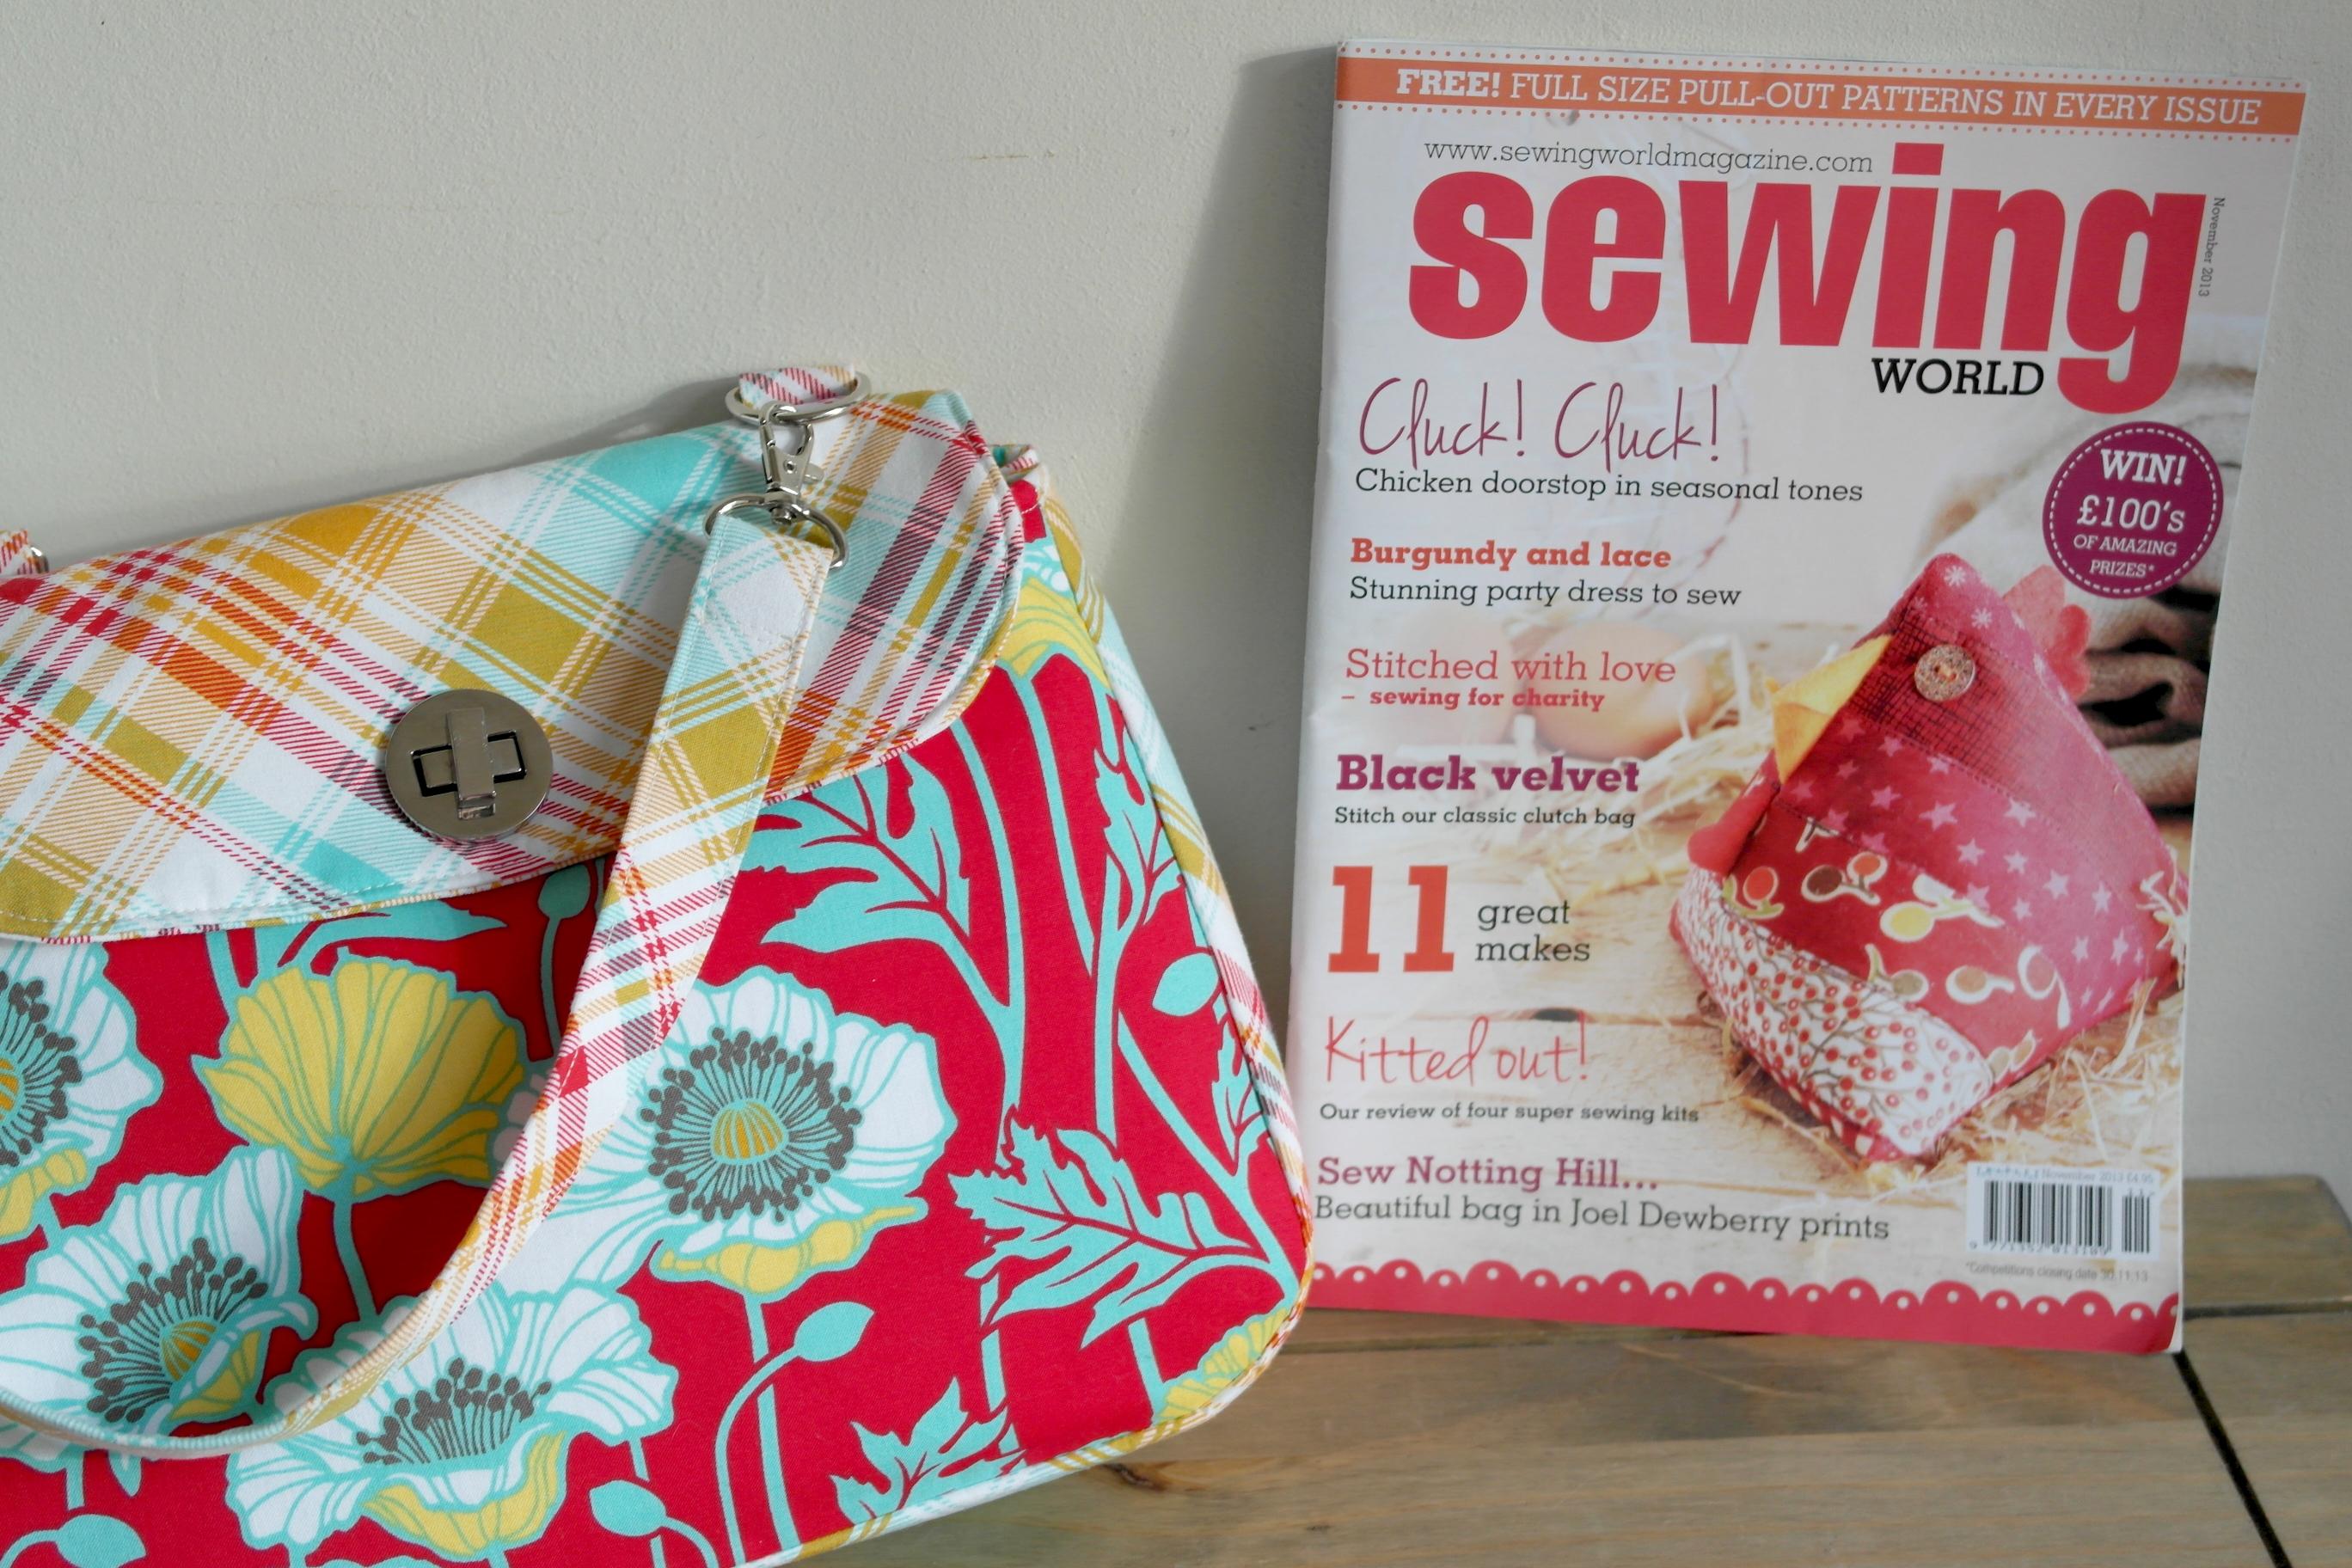 Sewing world magazine november issue out now susieddesigns sewing world magazine november 2013 issue jeuxipadfo Choice Image